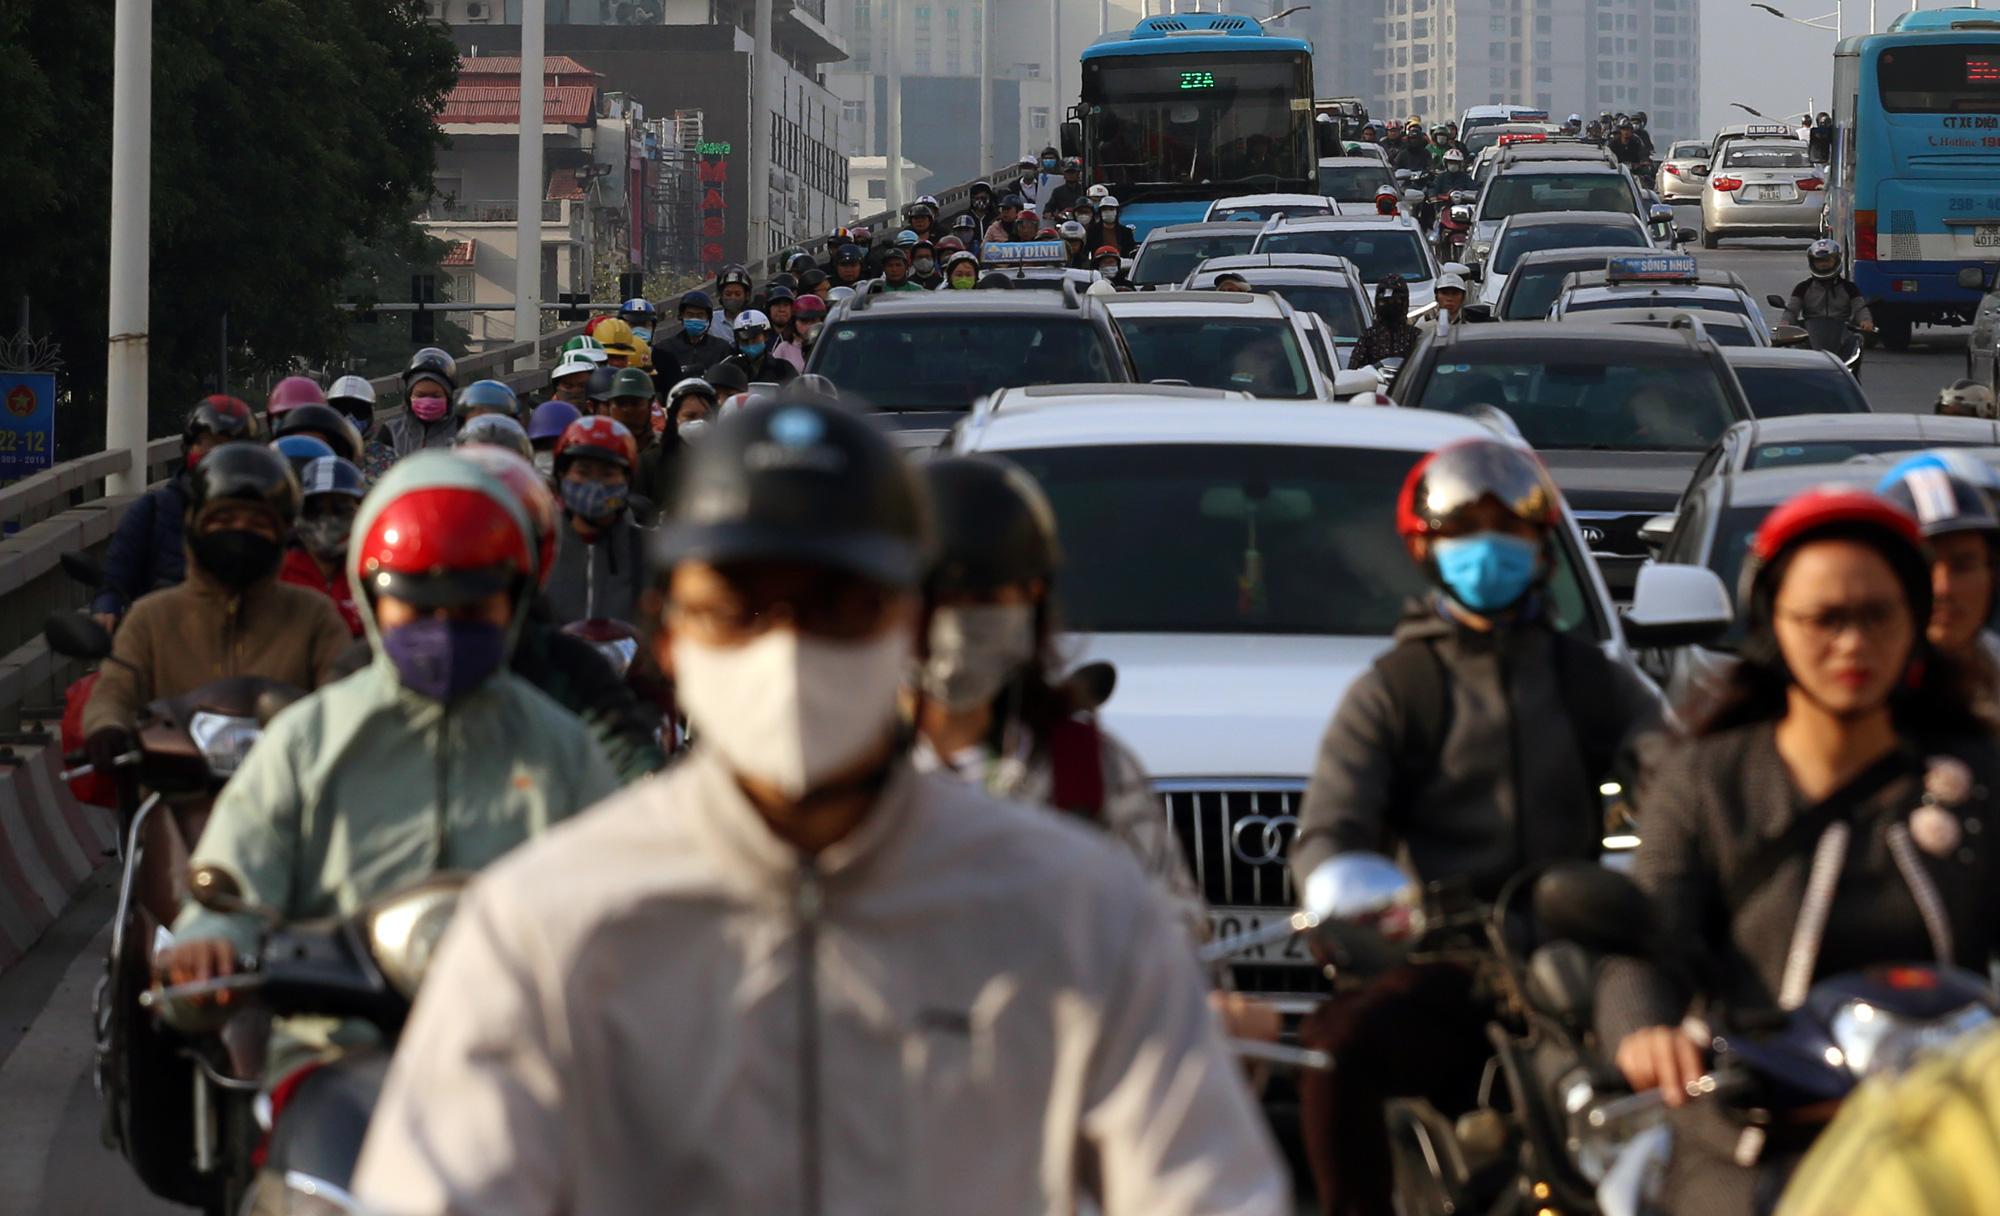 Hạn chế xe cá nhân chống ùn tắc và ô nhiễm không khí ở Hà Nội: Còn chờ xe buýt, tàu điện? - Ảnh 3.